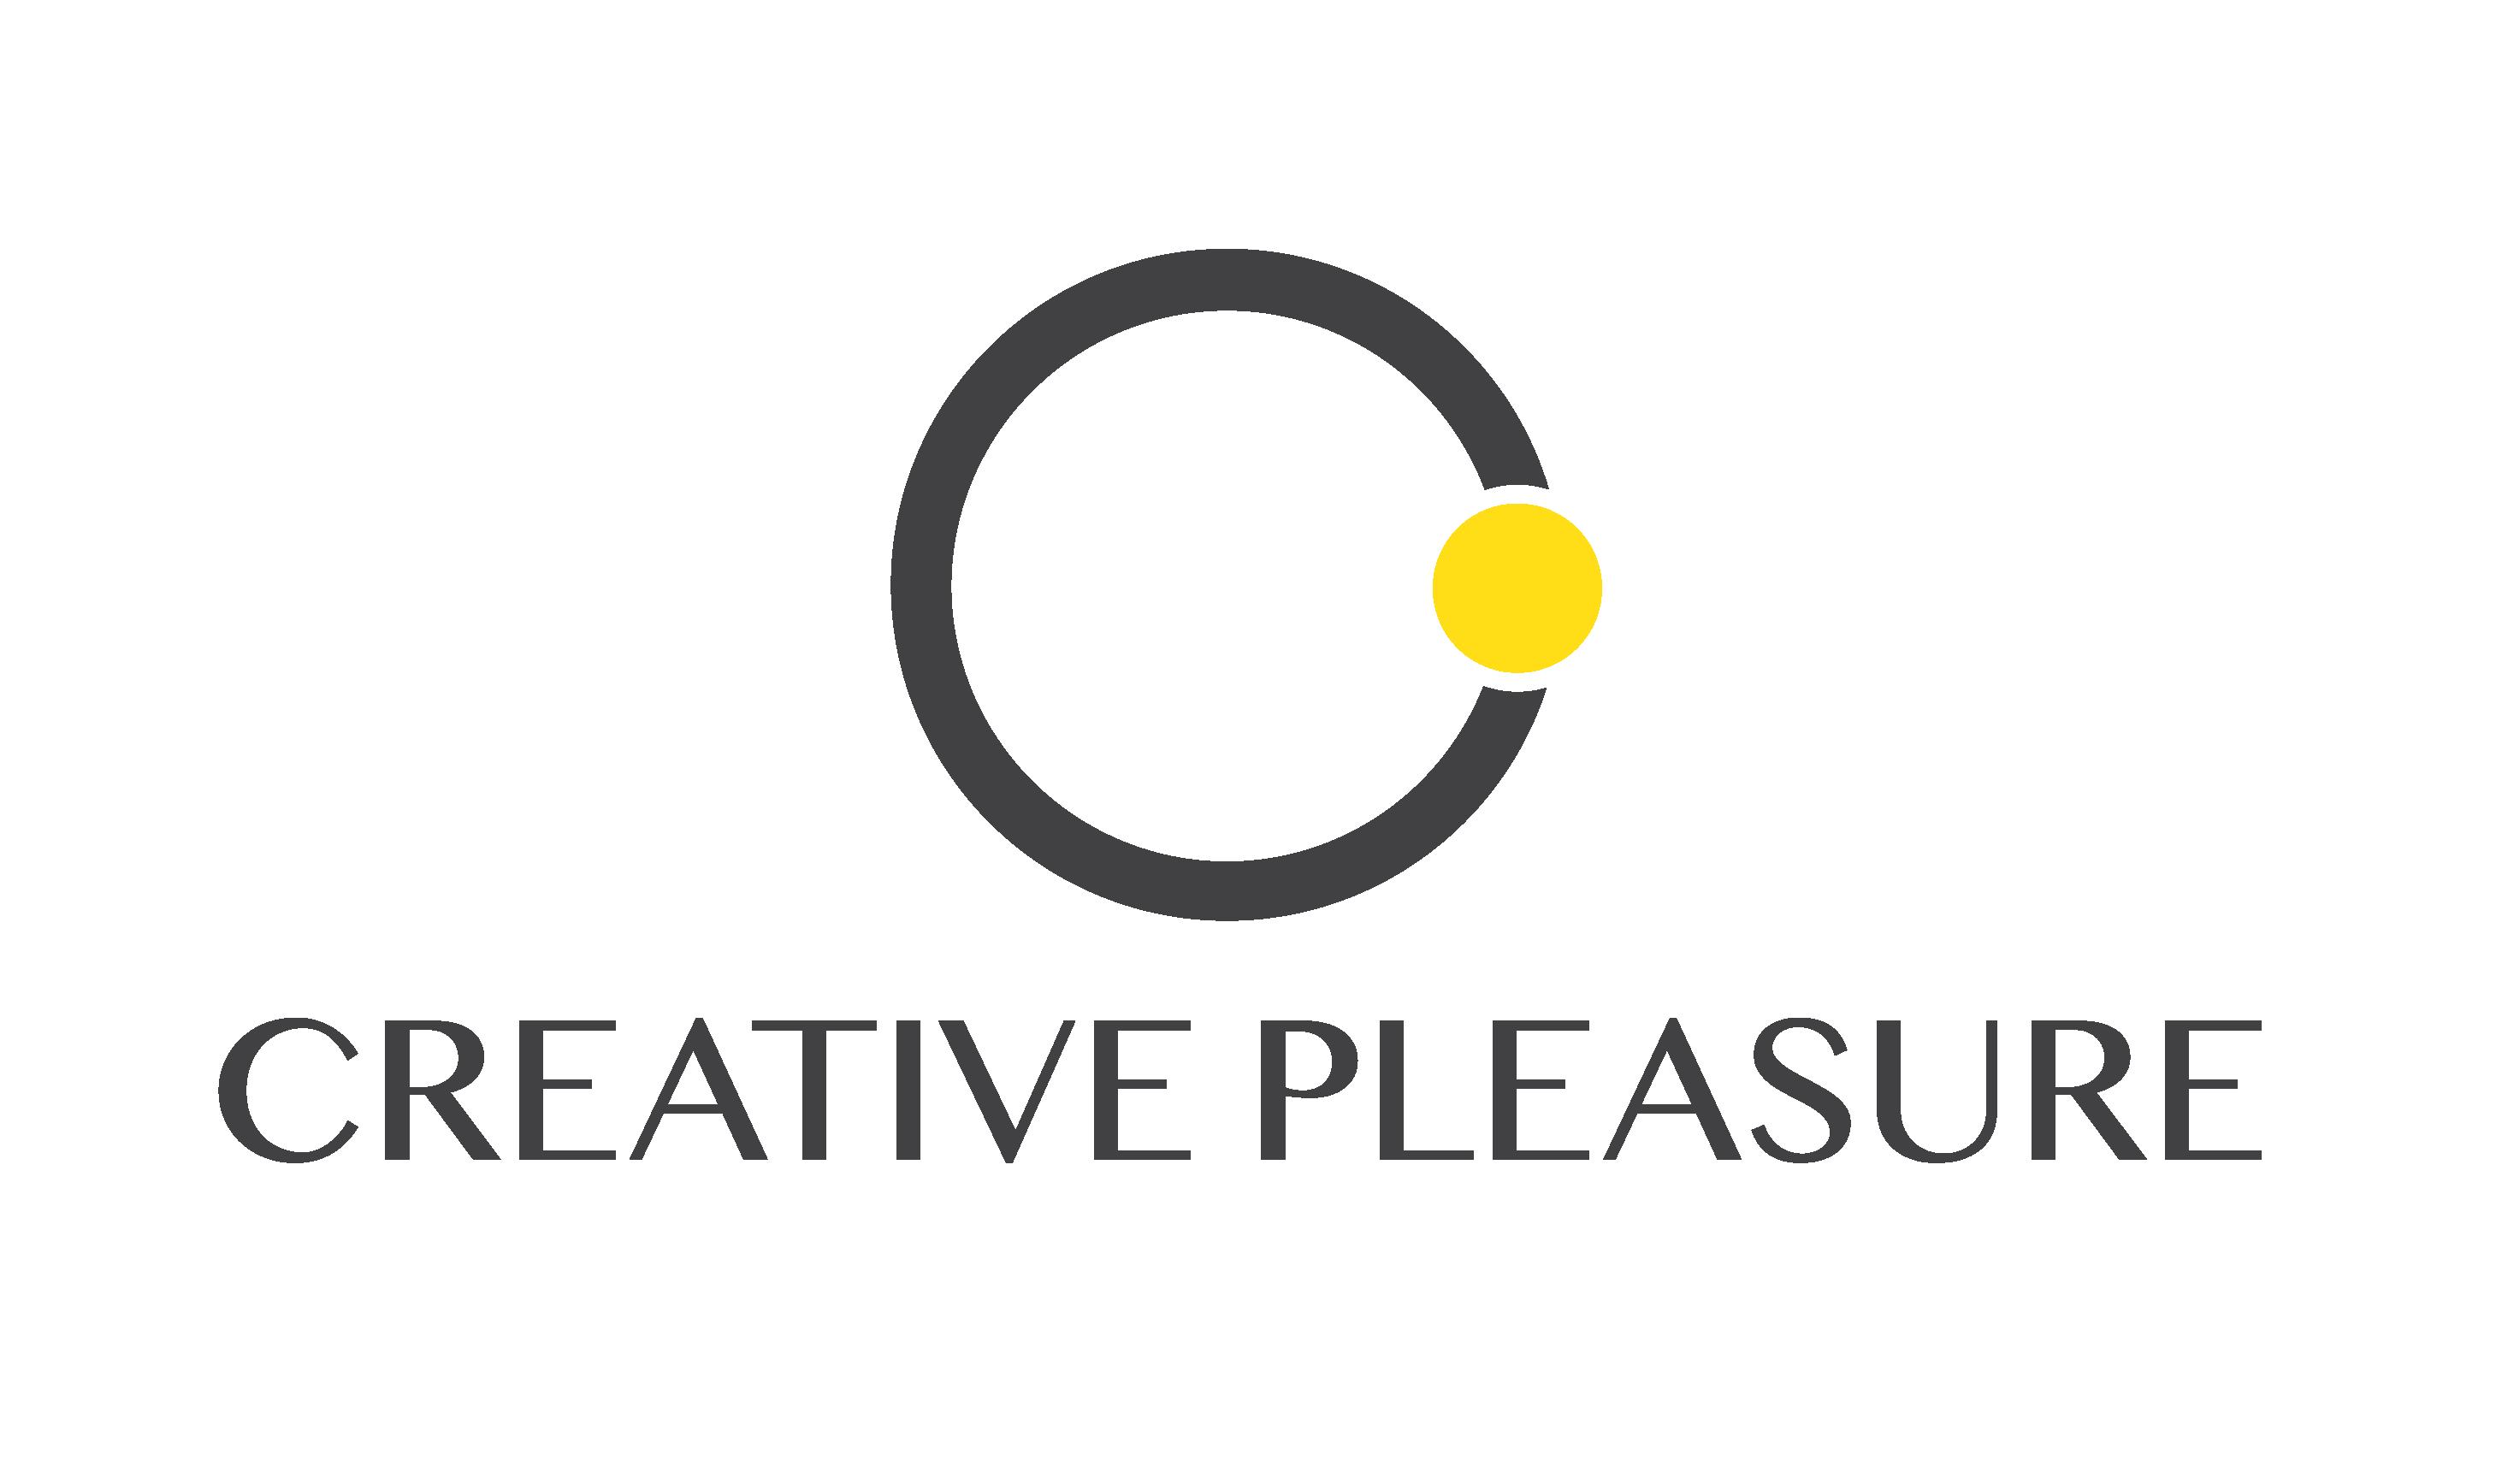 Creative Pleasure Advertising Agency